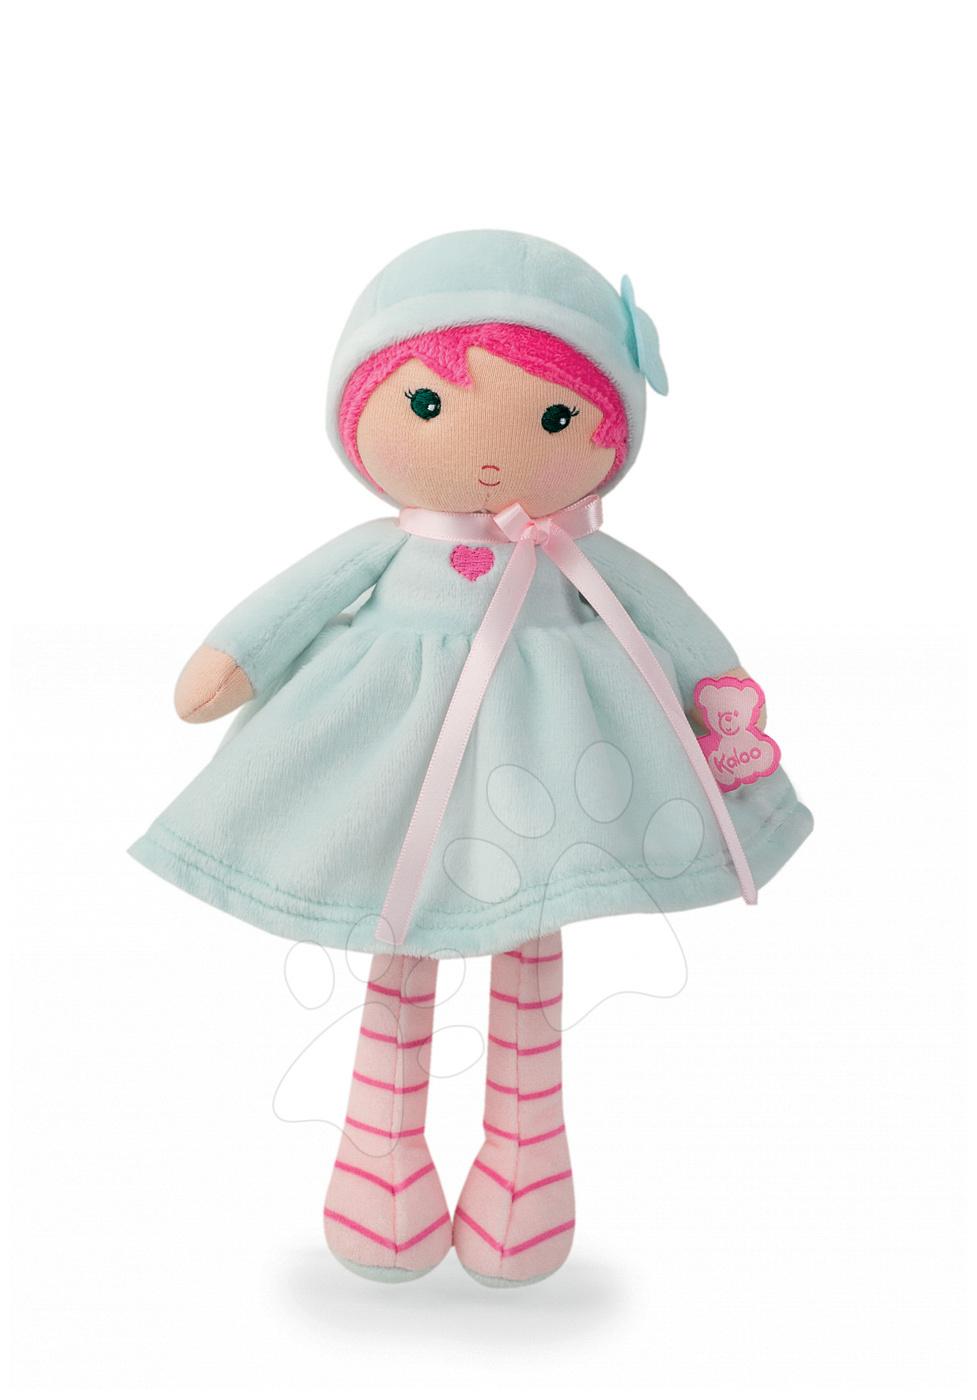 Bábika pre bábätká Azure K Tendresse Kaloo 25 cm v svetlomodrých šatách z jemného textilu v darčekovom balení od 0 mes